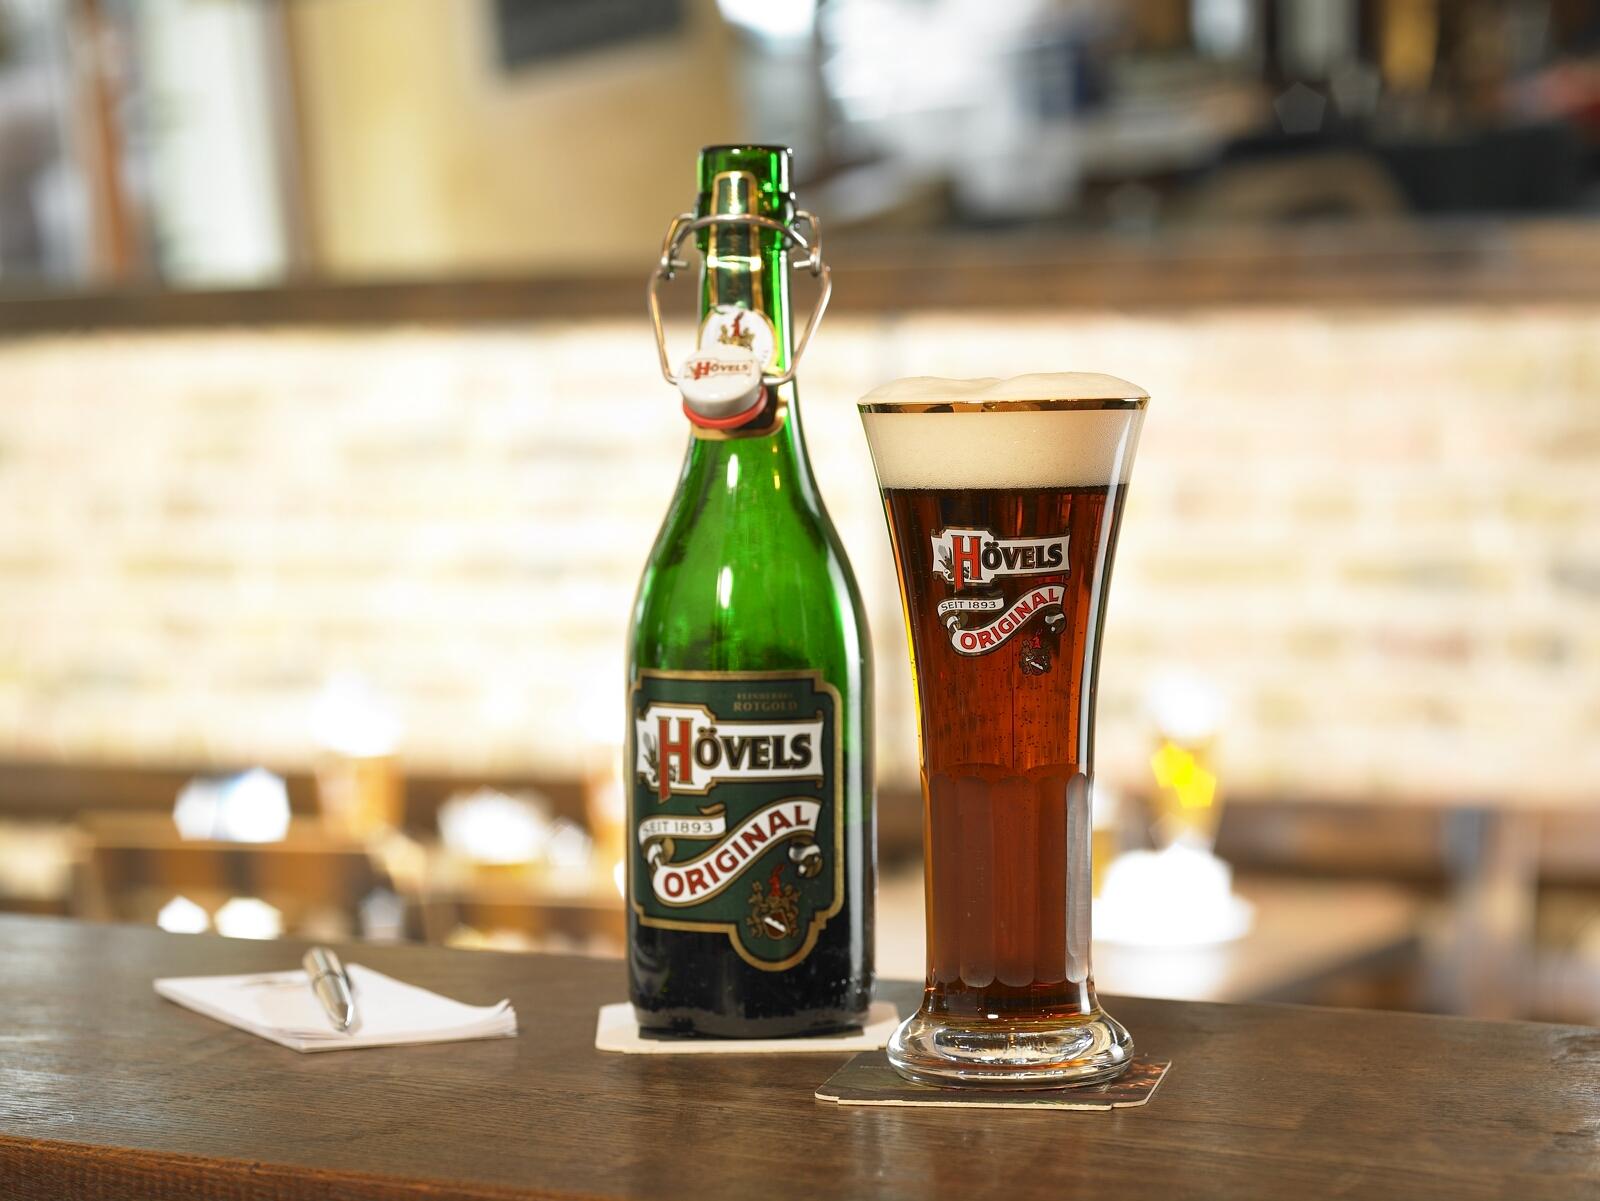 TAP Beer of the Week: Hövels Original